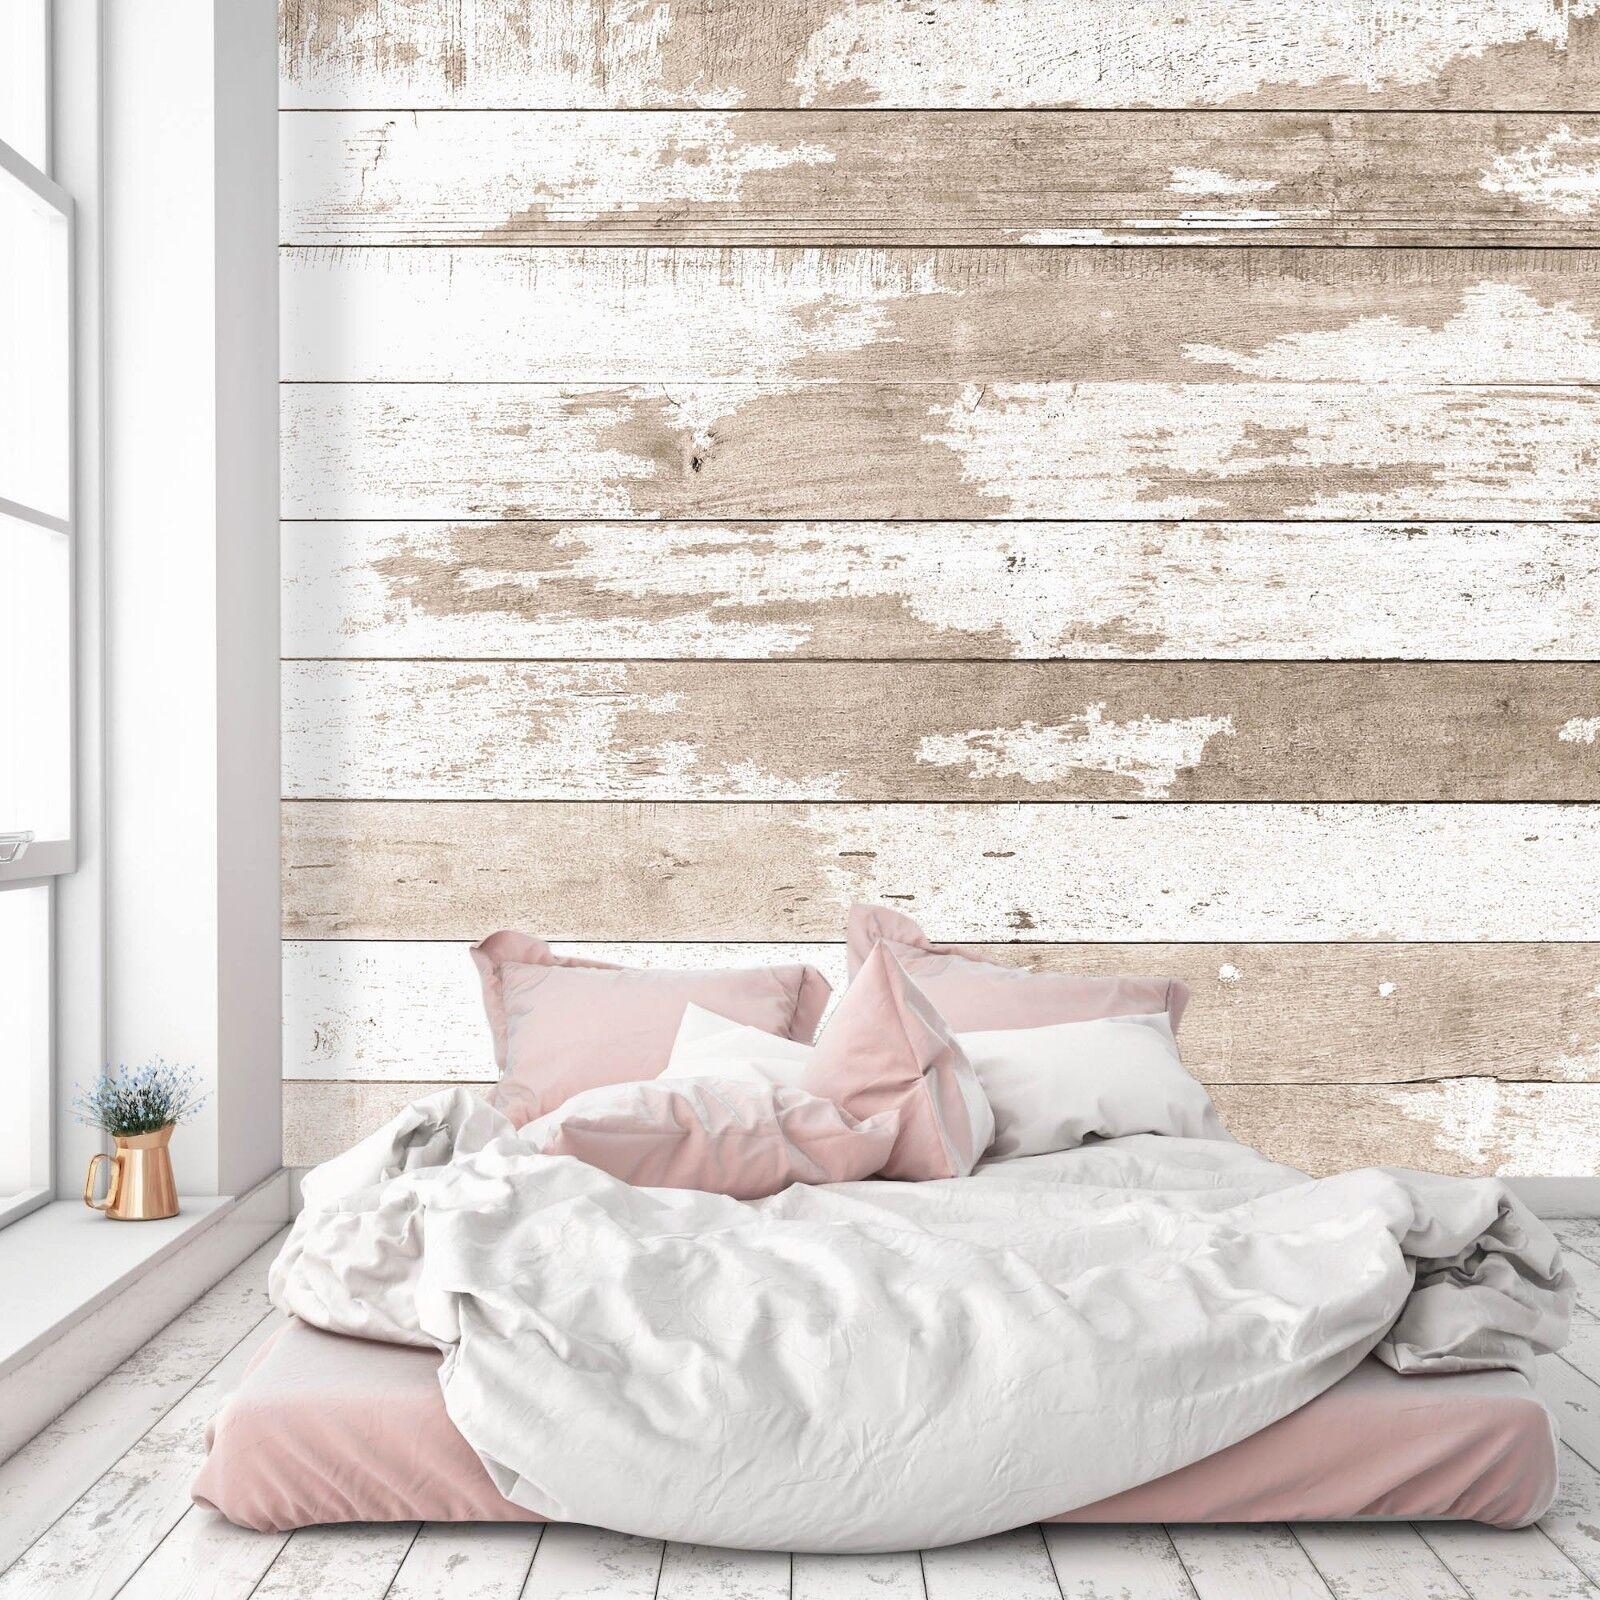 3D Holzbrett Beige 7017 7017 7017 Tapete Wandgemälde Tapete Tapeten Bild Familie DE Sidney | Mittlere Kosten  |  e7f508